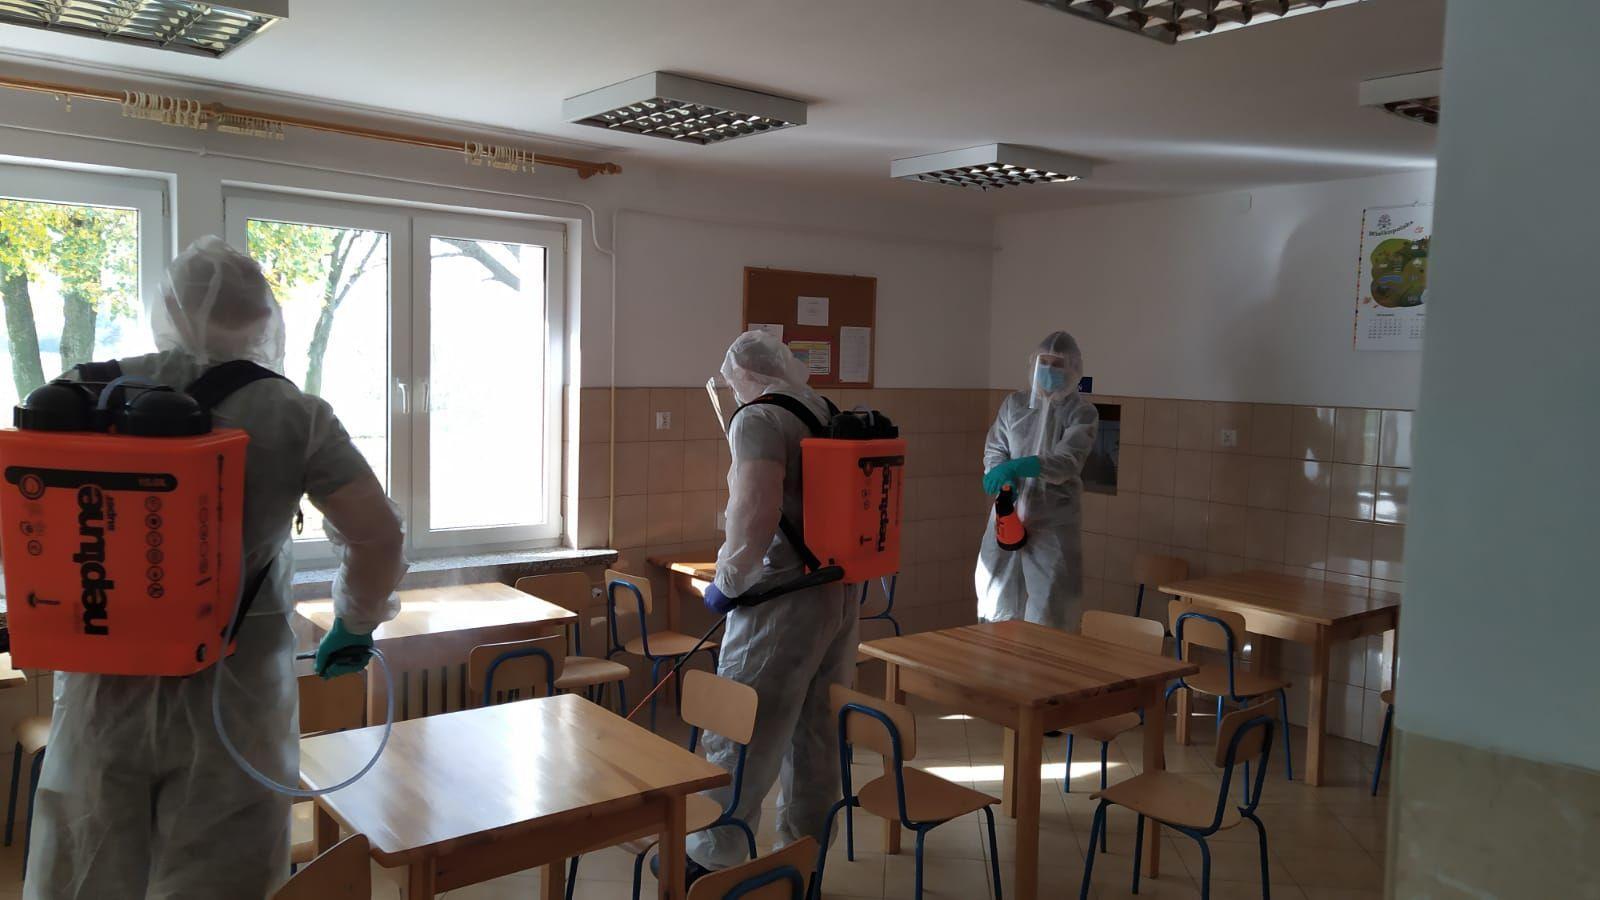 Lubelscy terytorialsi przeprowadzili dekontaminację pomieszczeń w szkole - Zdjęcie główne